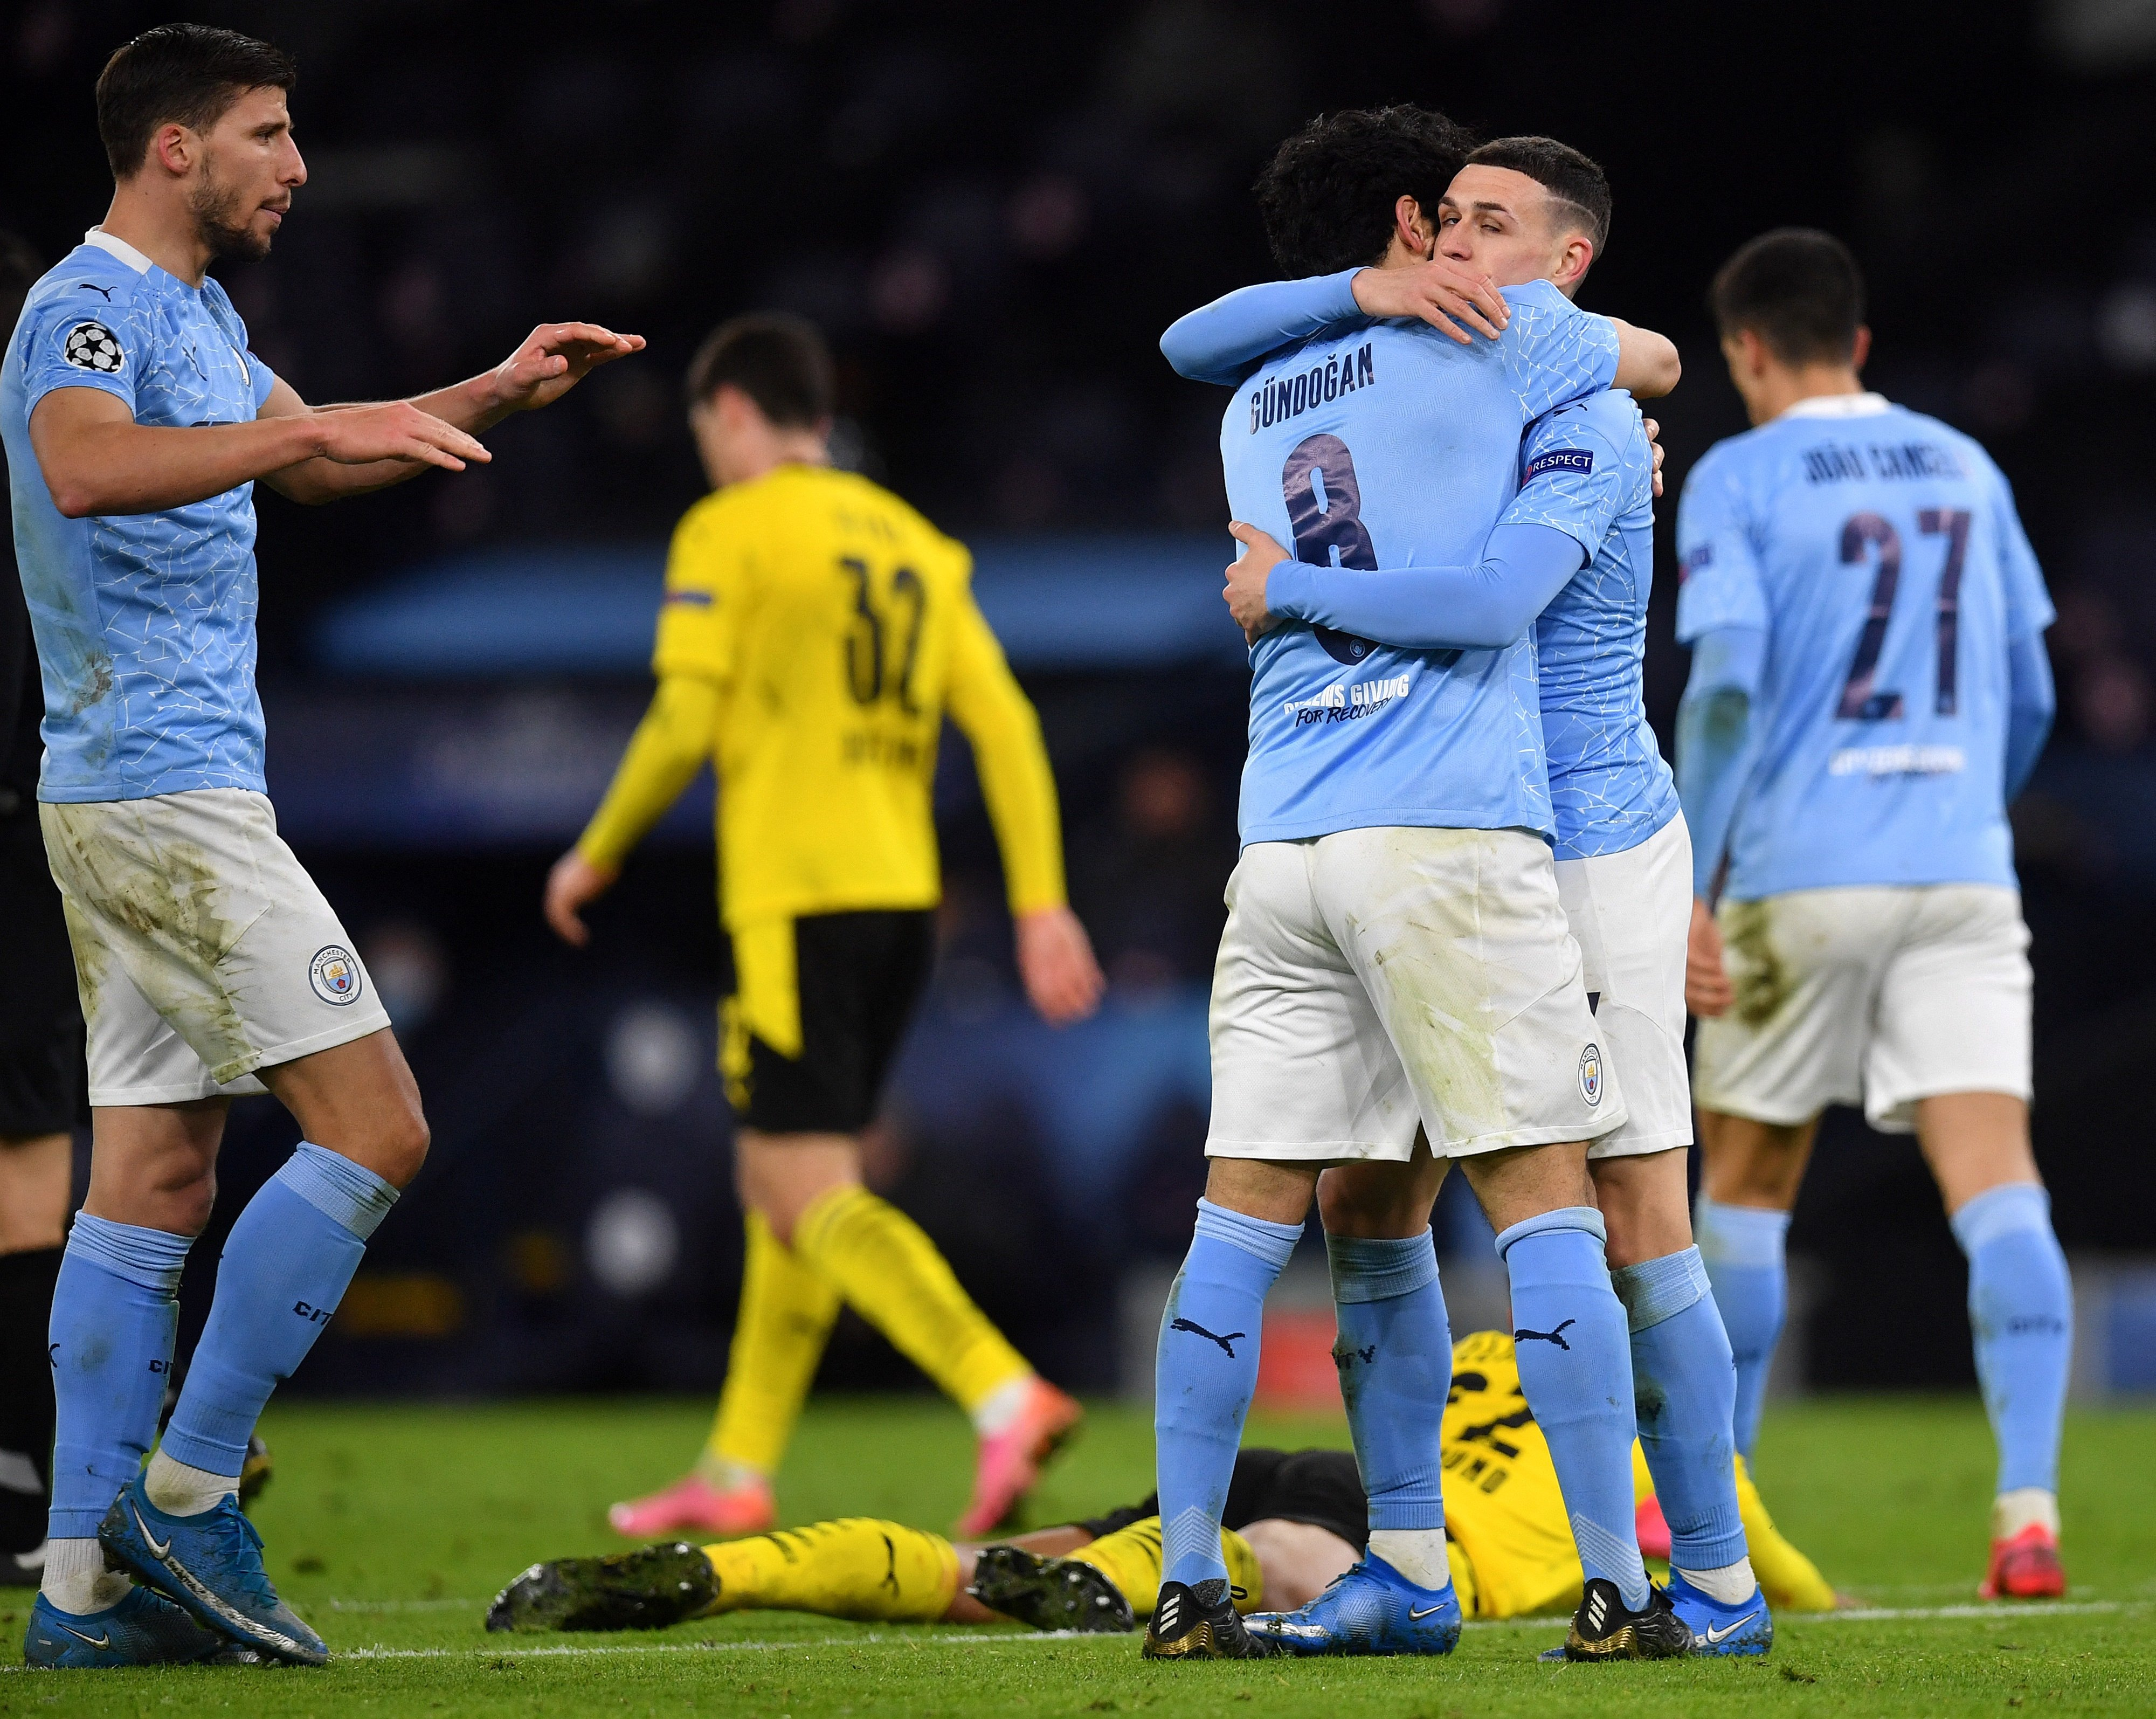 «Манчестер Сити» обыграл дортмундскую «Боруссию» в первом матче ¼ финала Лиги чемпионов